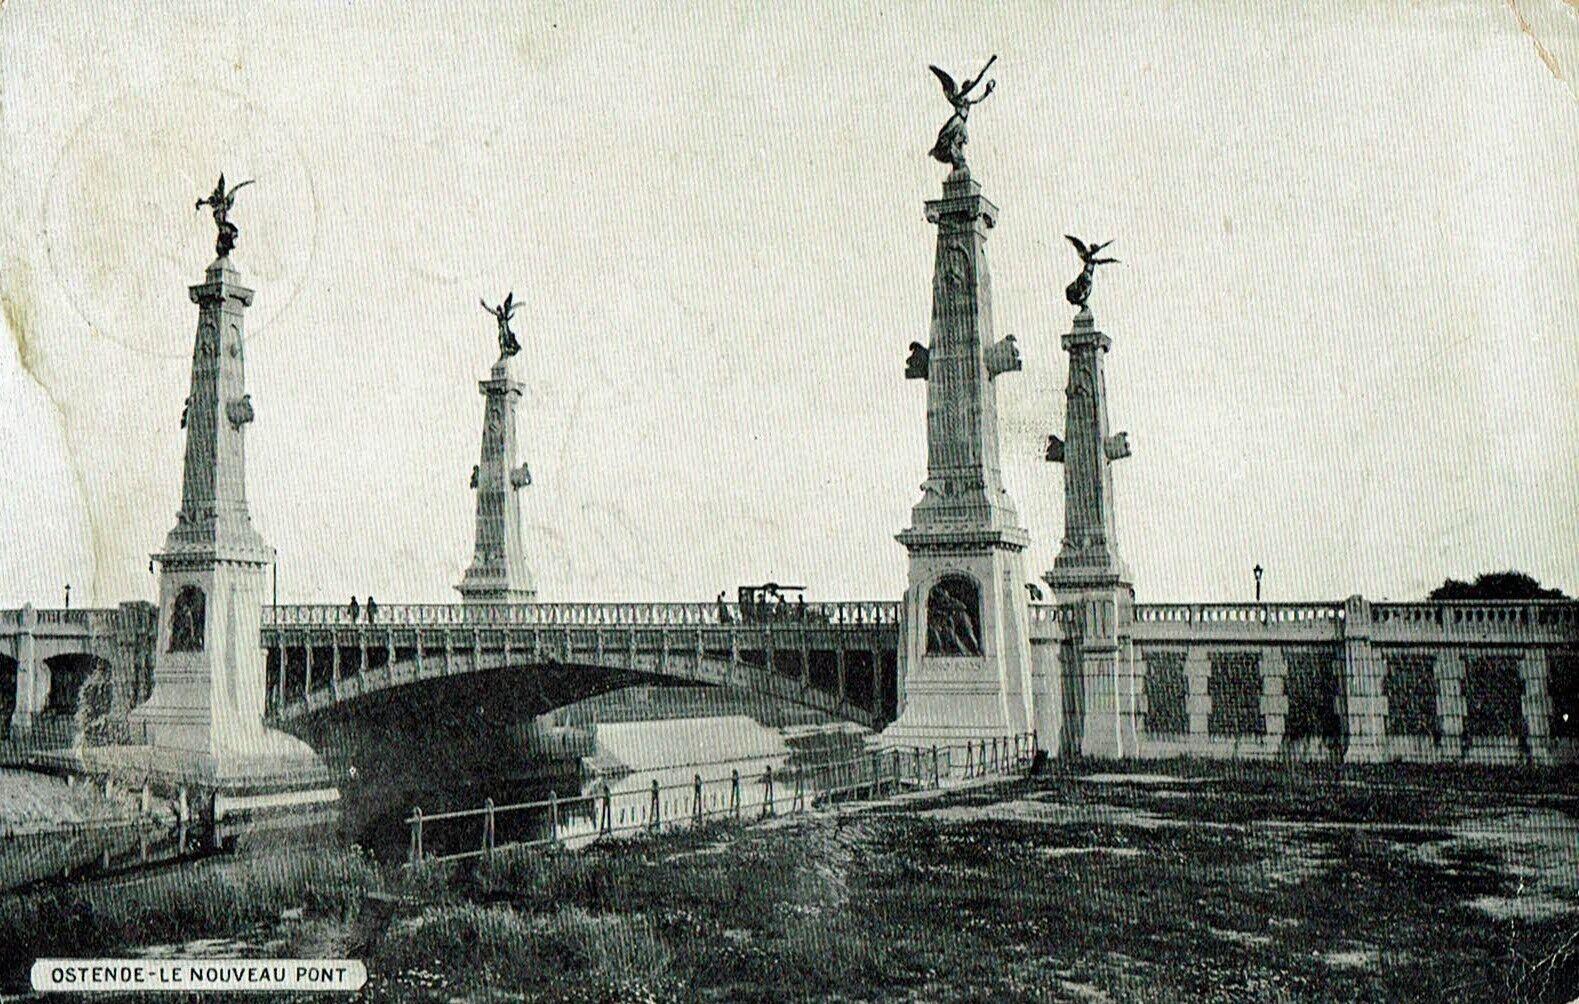 Oostende Ostende Le nouveau pont (animée)